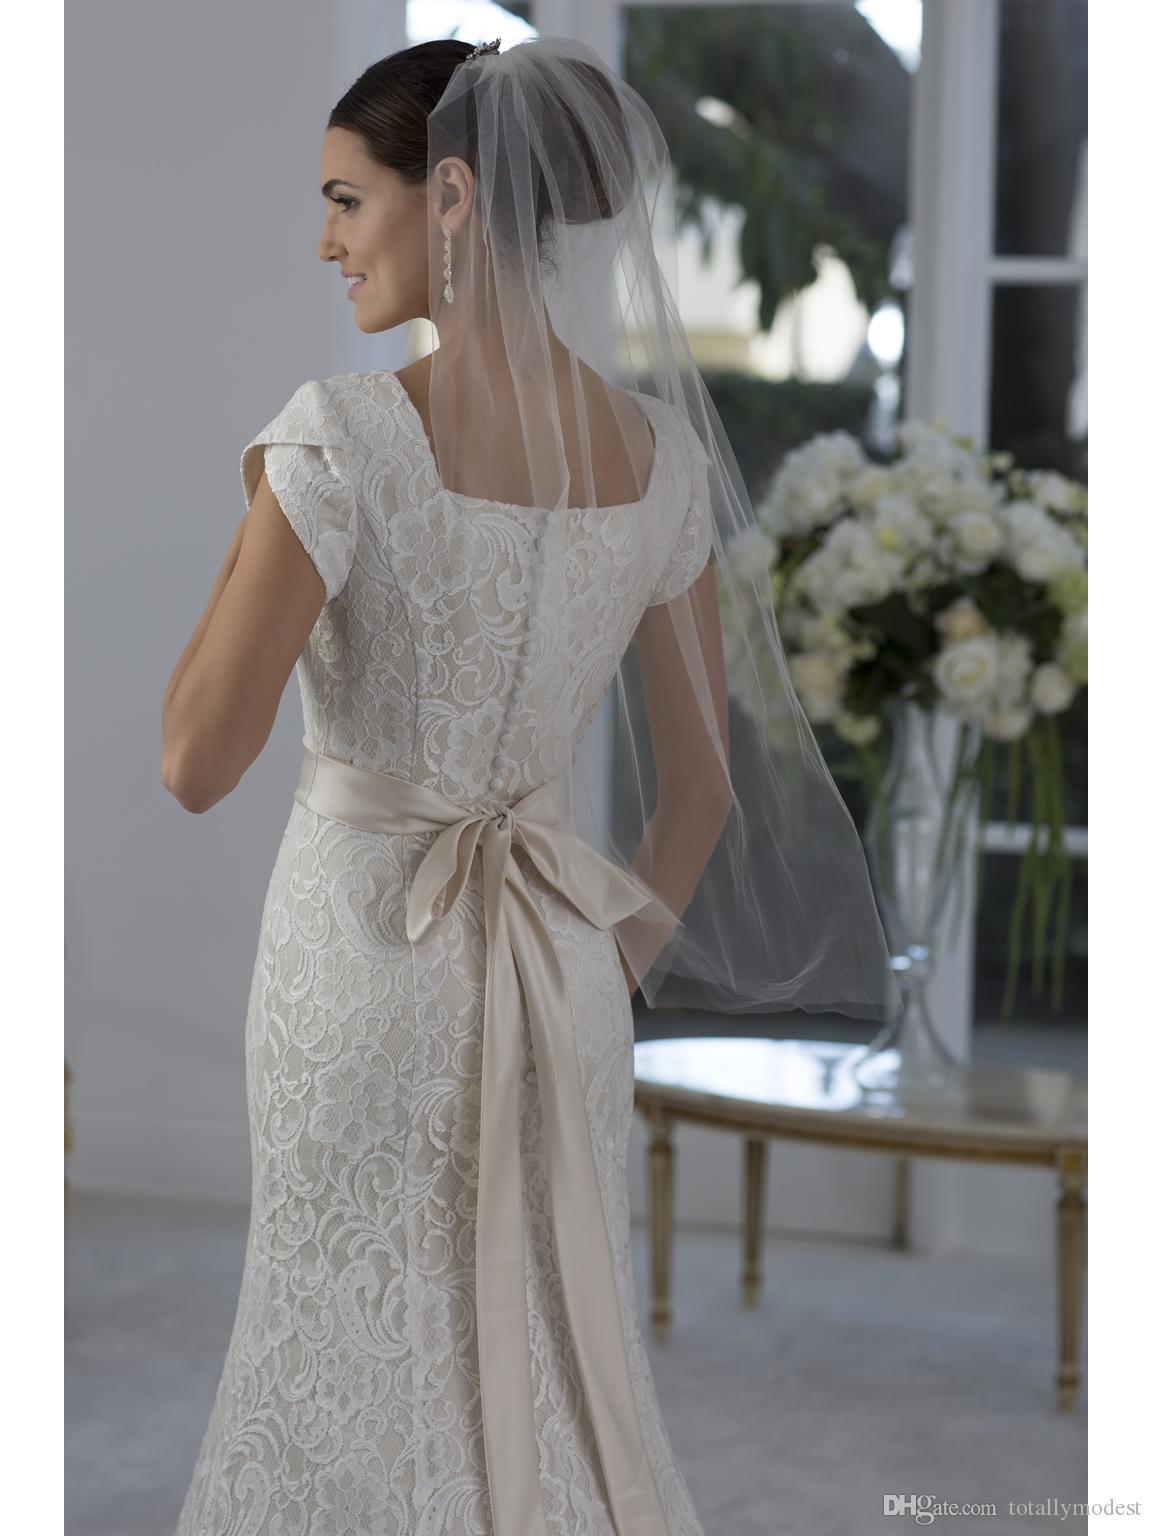 Einfache Chanpagne Vintage Lace Mermaid Modest Brautkleider Flügelärmeln Queen Anne Neck Perlen Sash Bunte Brautkleid mit Farbe Neu